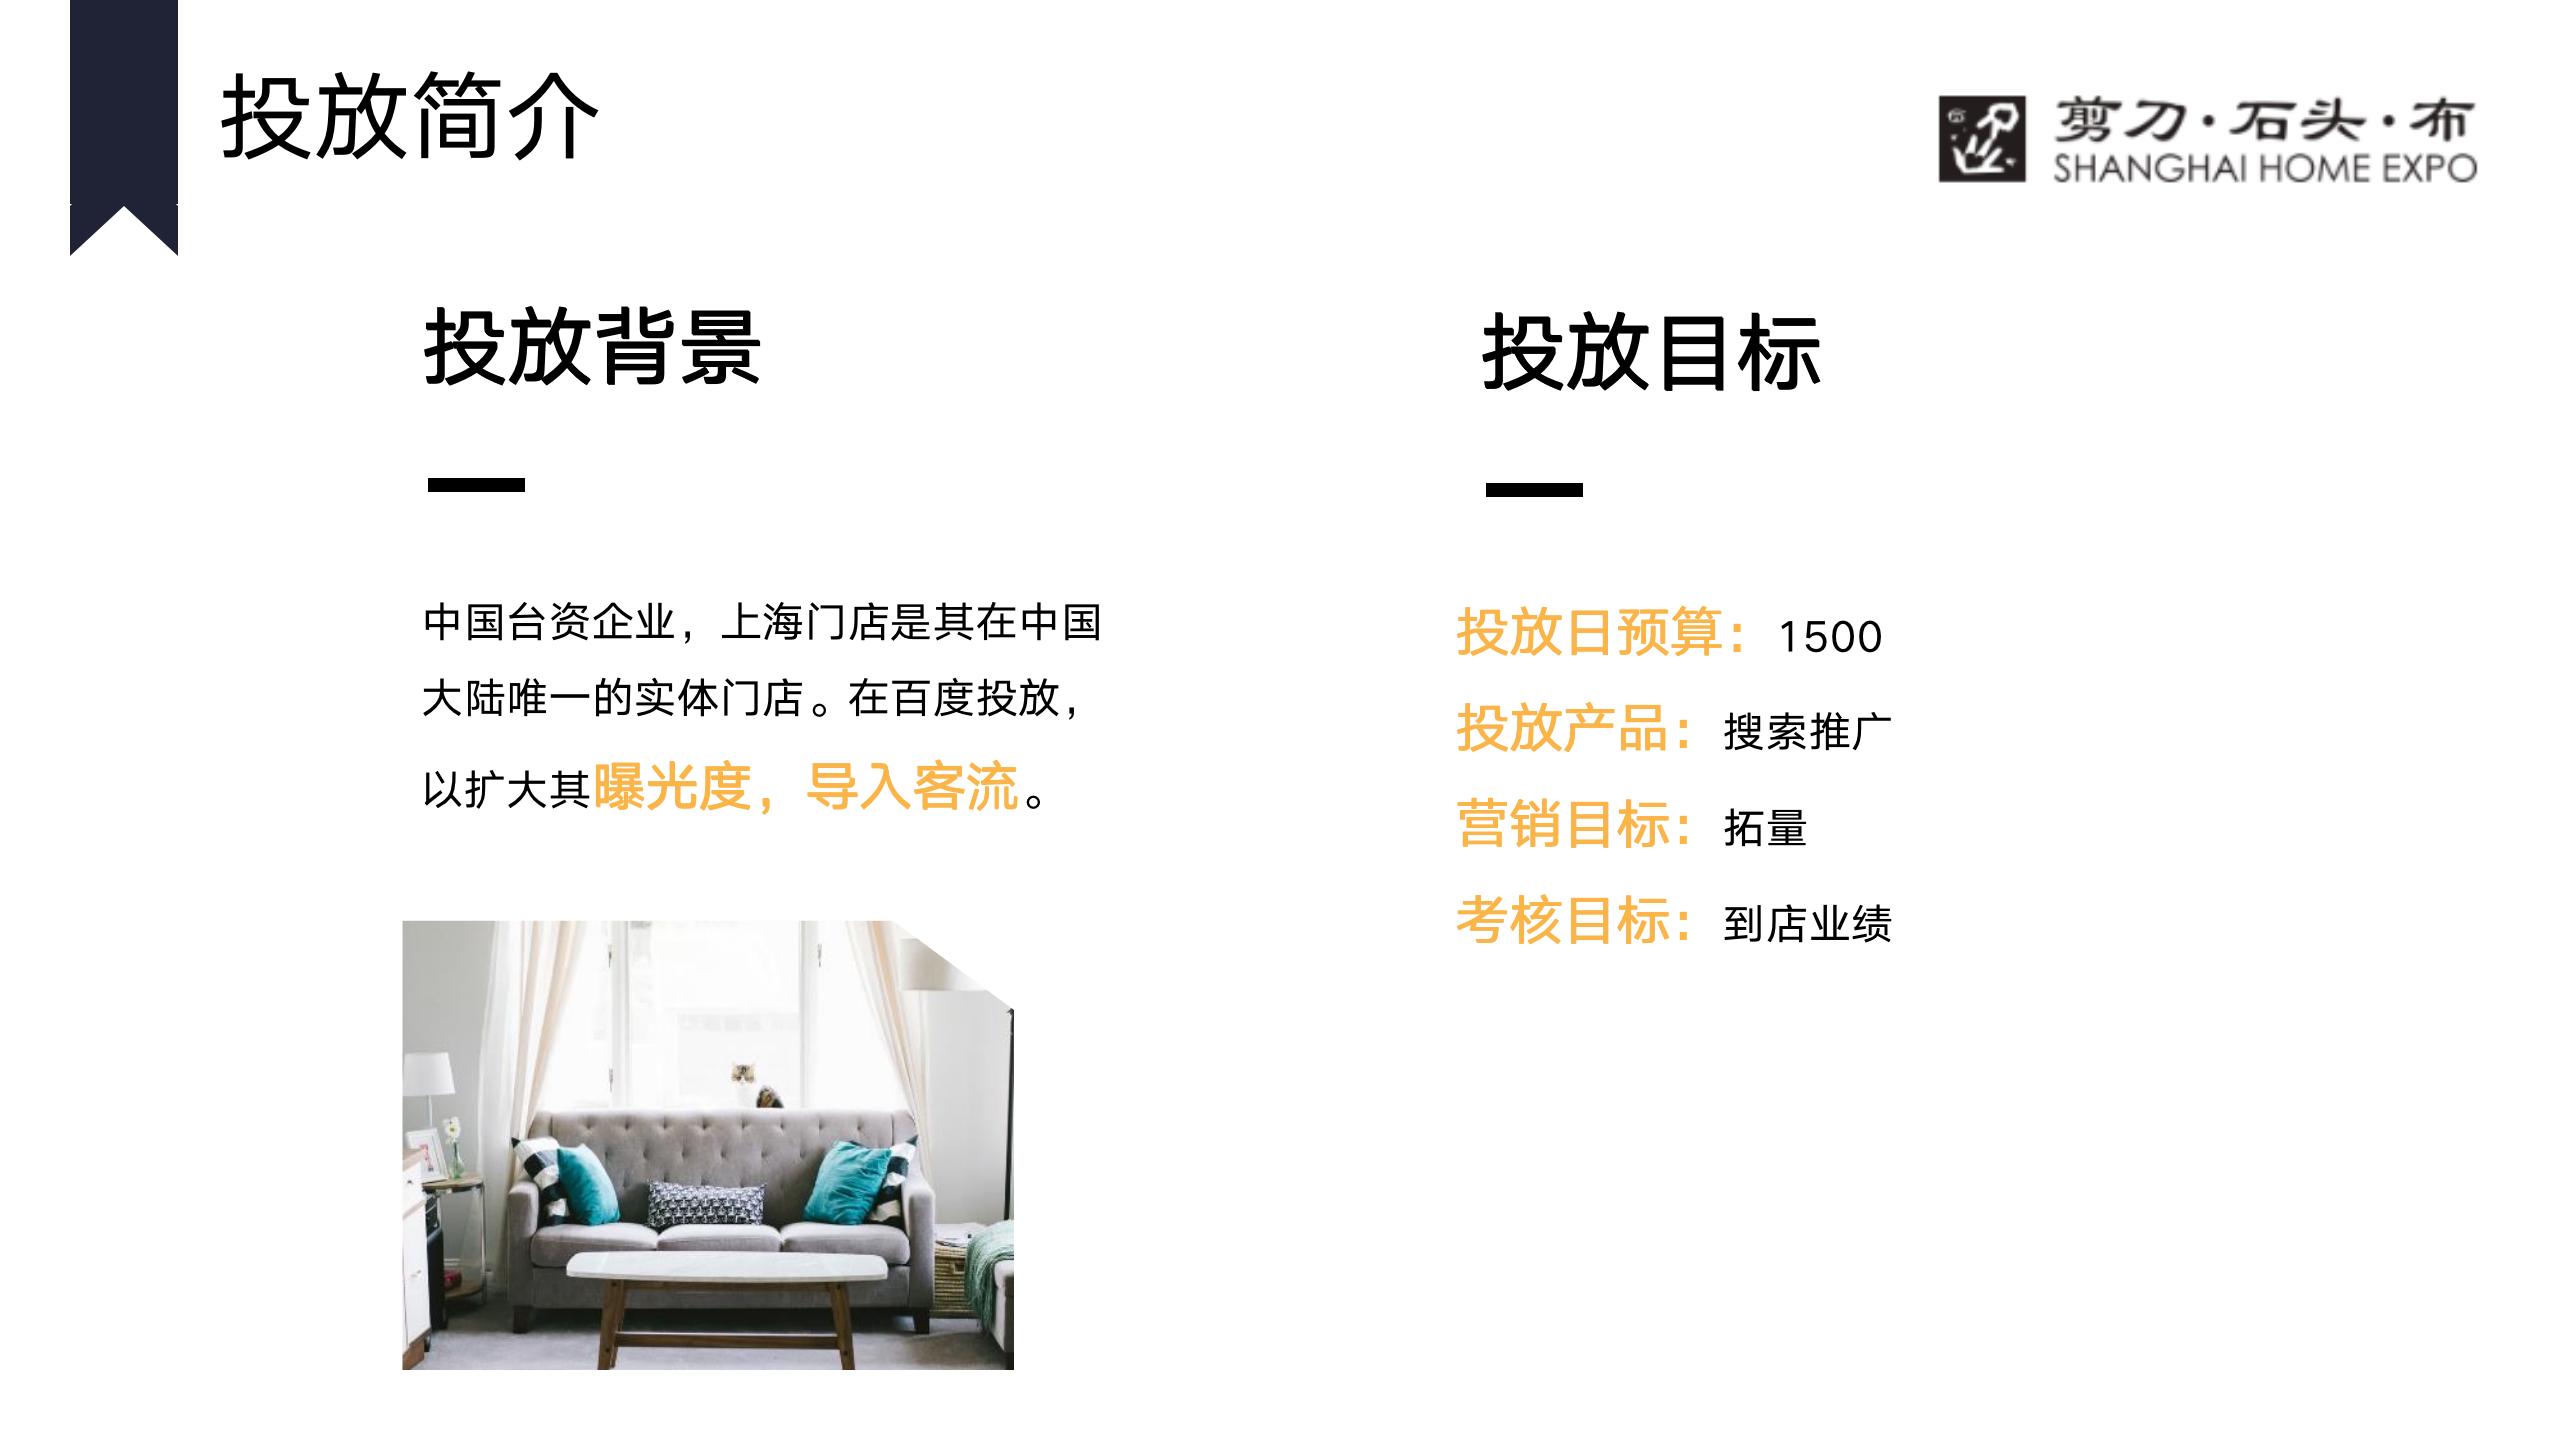 房产家居【直销】上苏-剪刀石头布案例脱敏版未删减._06.png